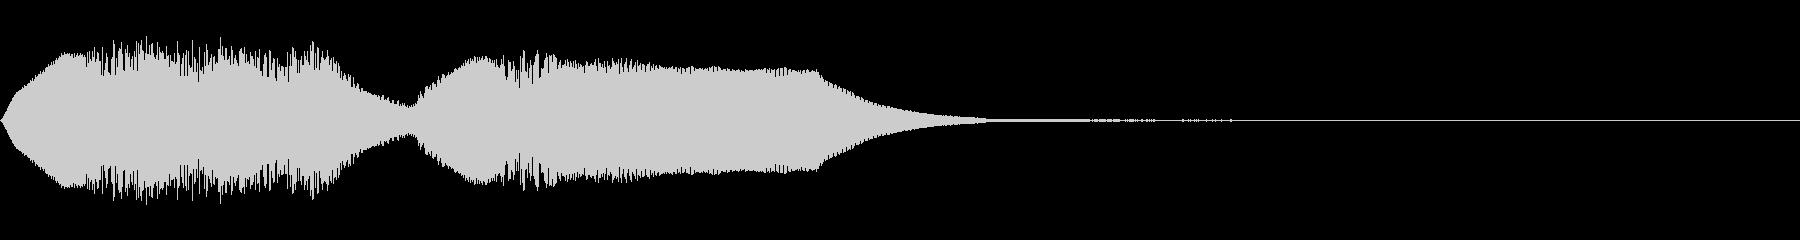 シンセサイザーのシンプルファンファーレの未再生の波形